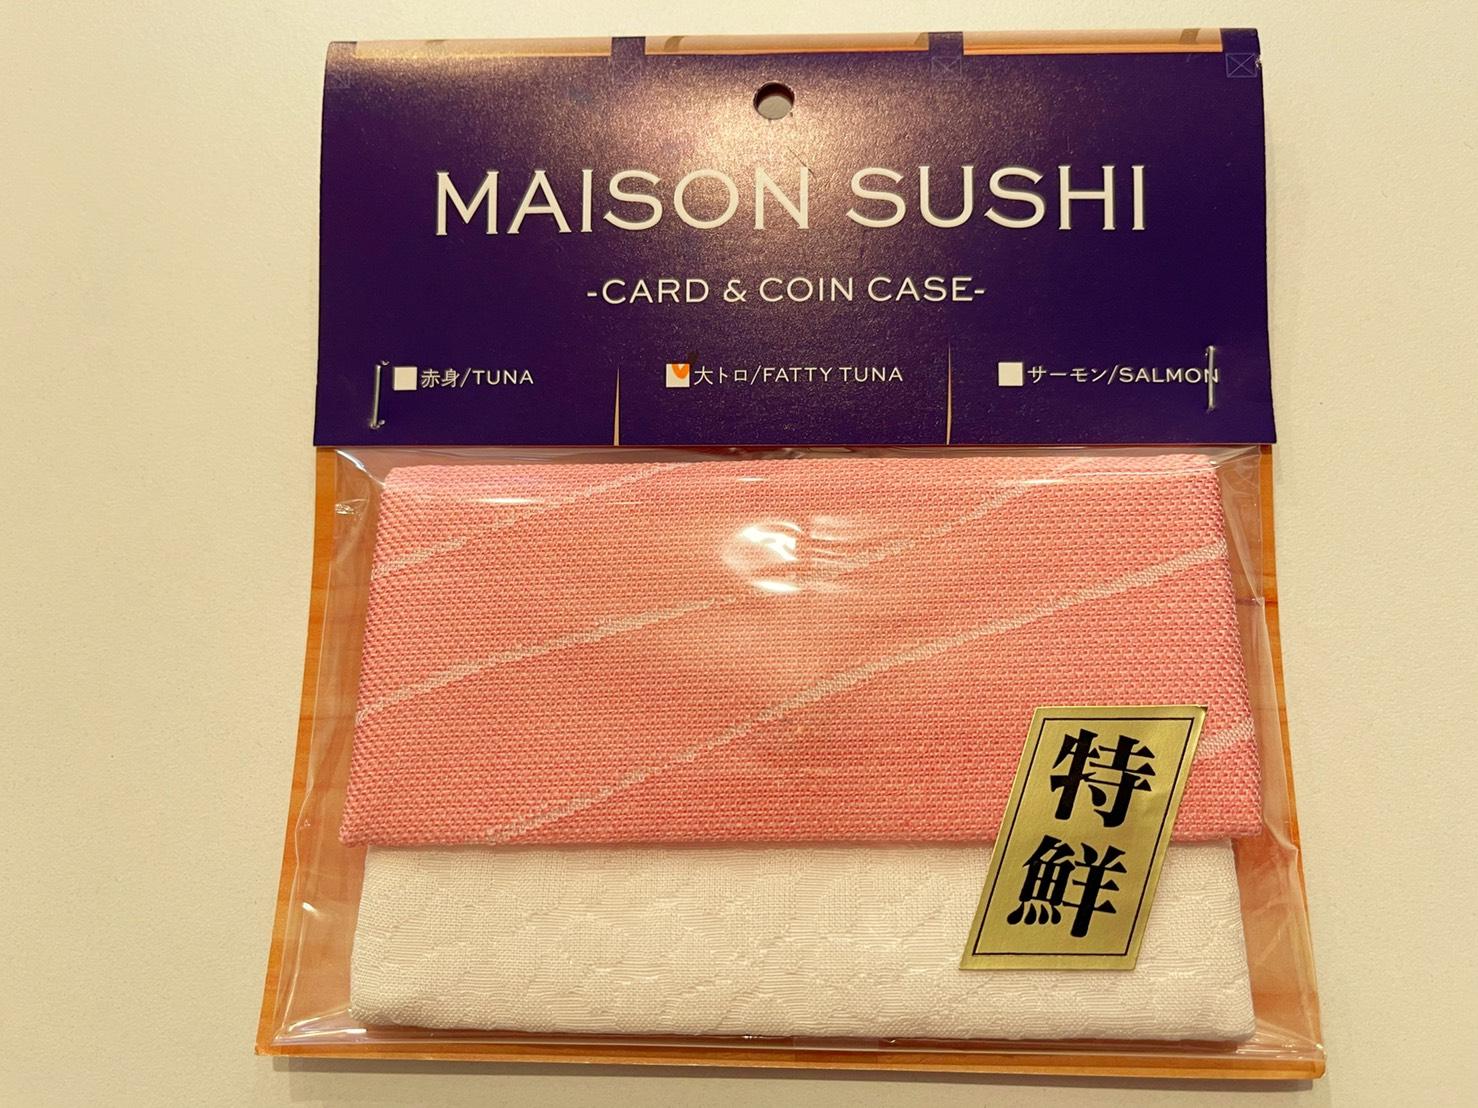 MAISON SUSHI「カード&コインケース トロ」